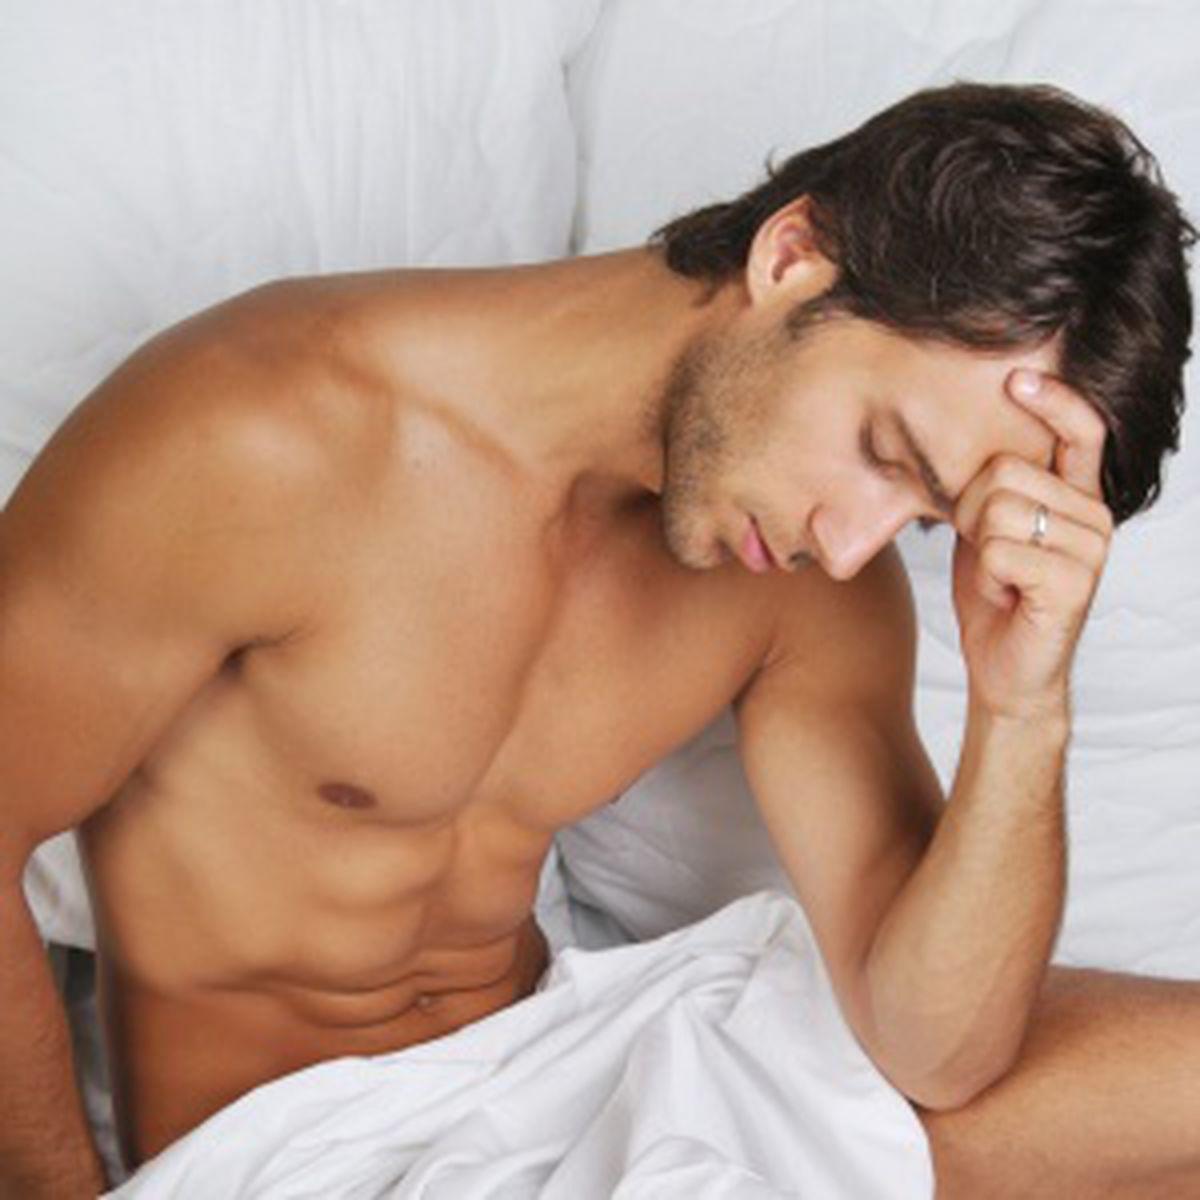 o erecție apare rapid în timpul actului sexual